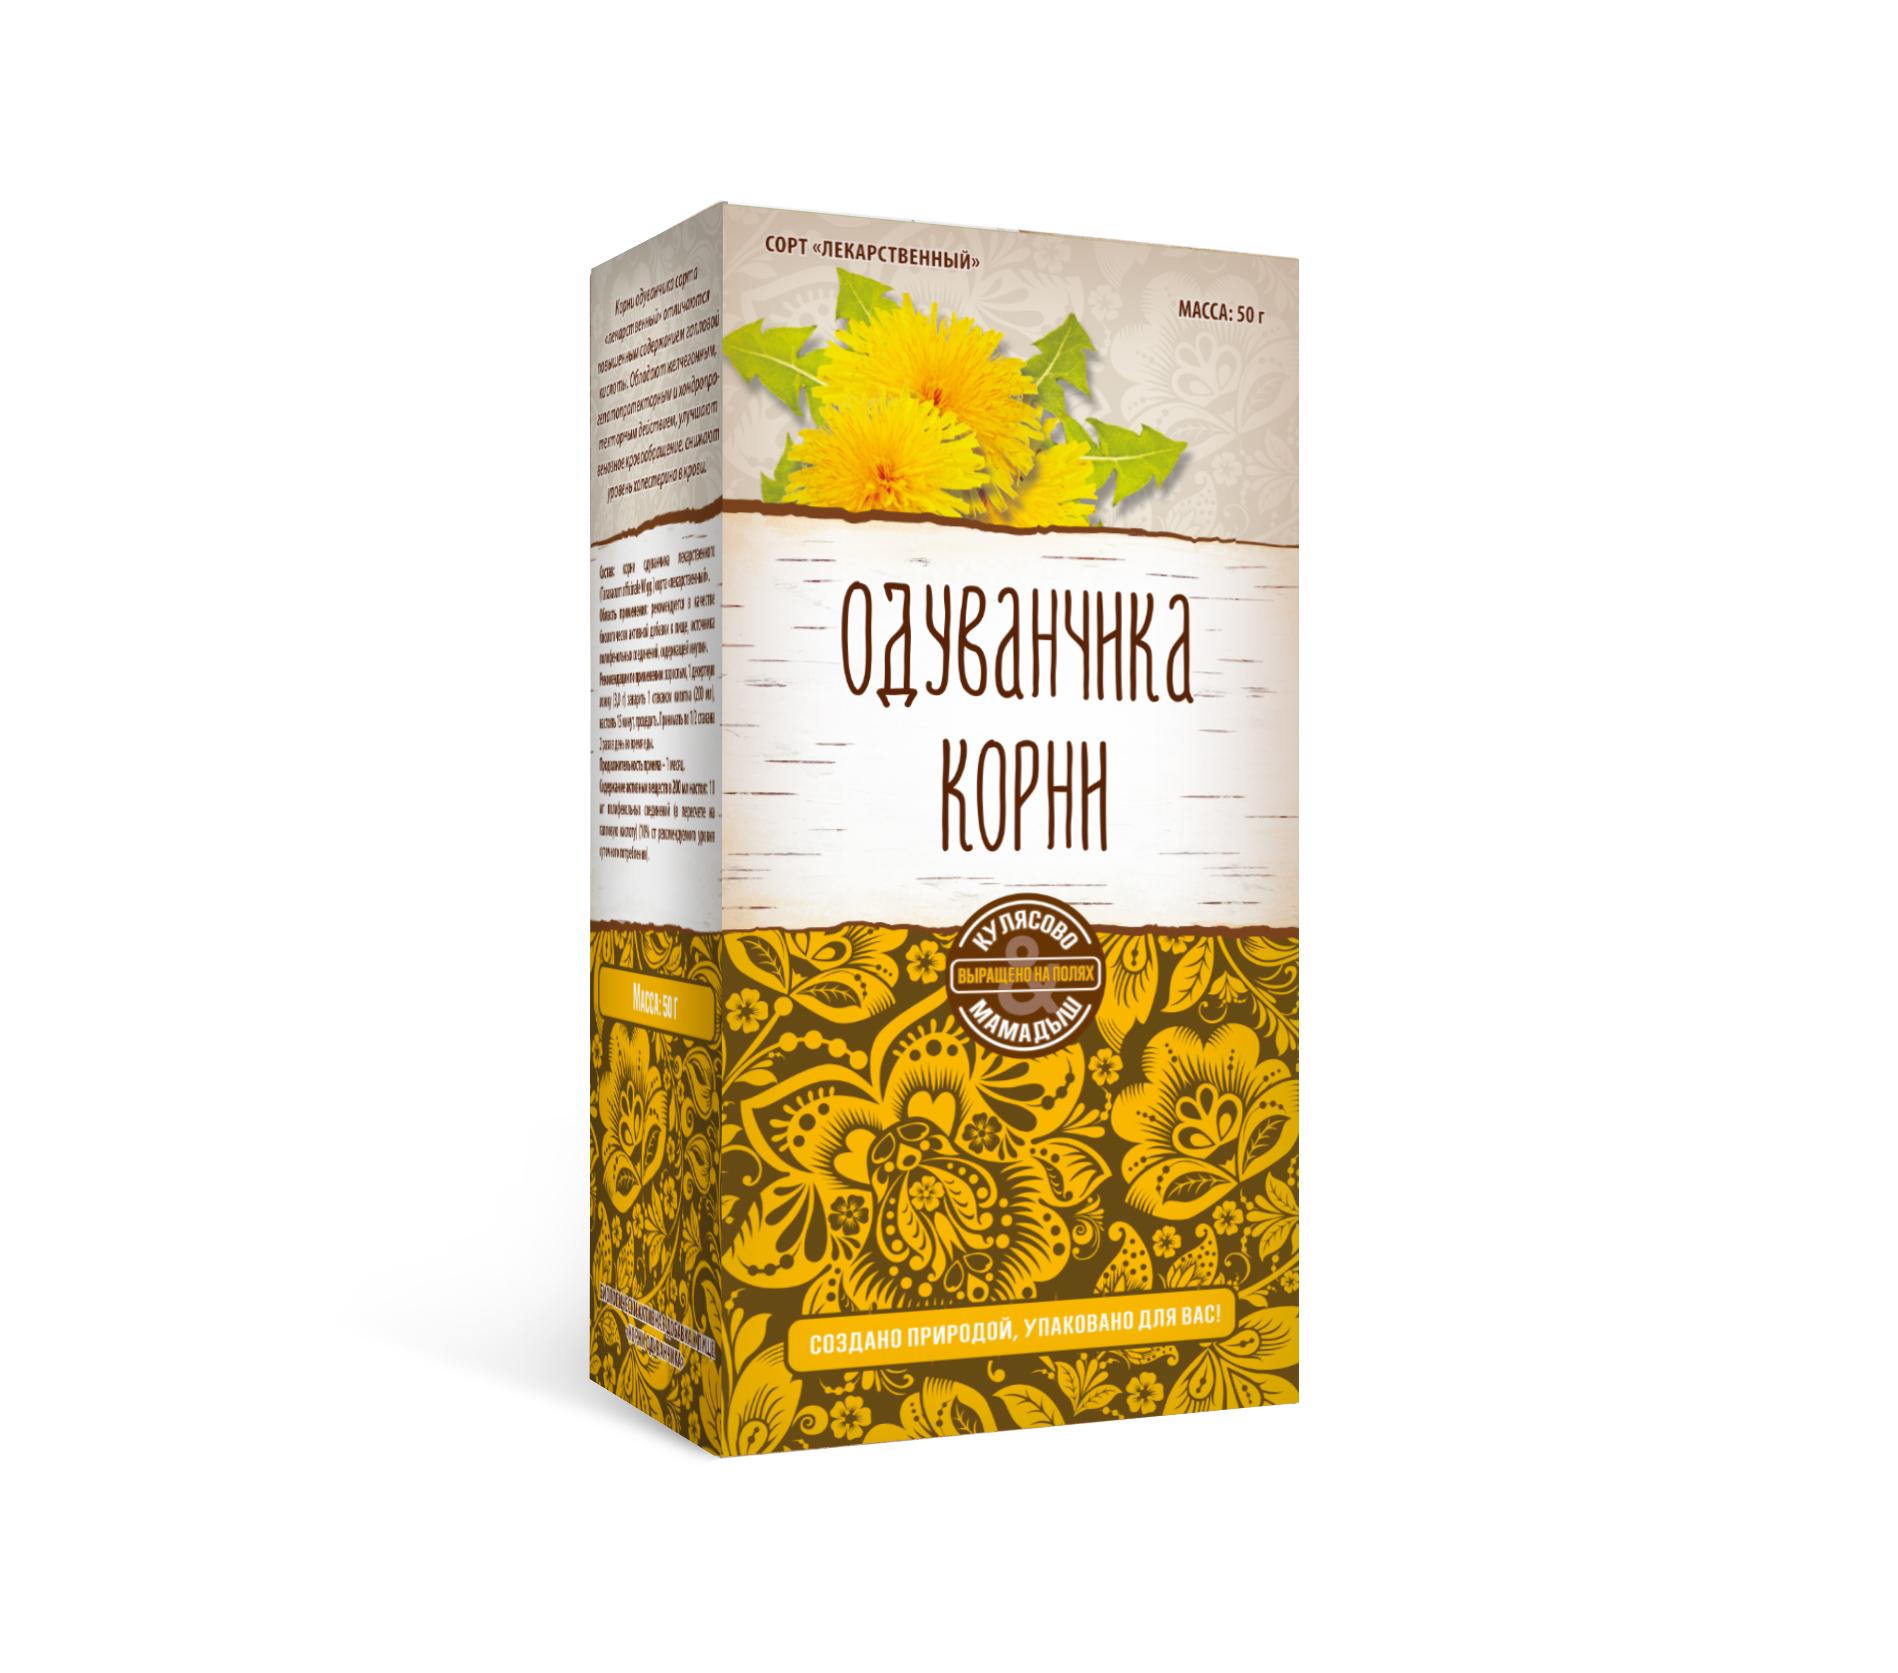 Одуванчика корни (россыпь): описание, инструкция по применению